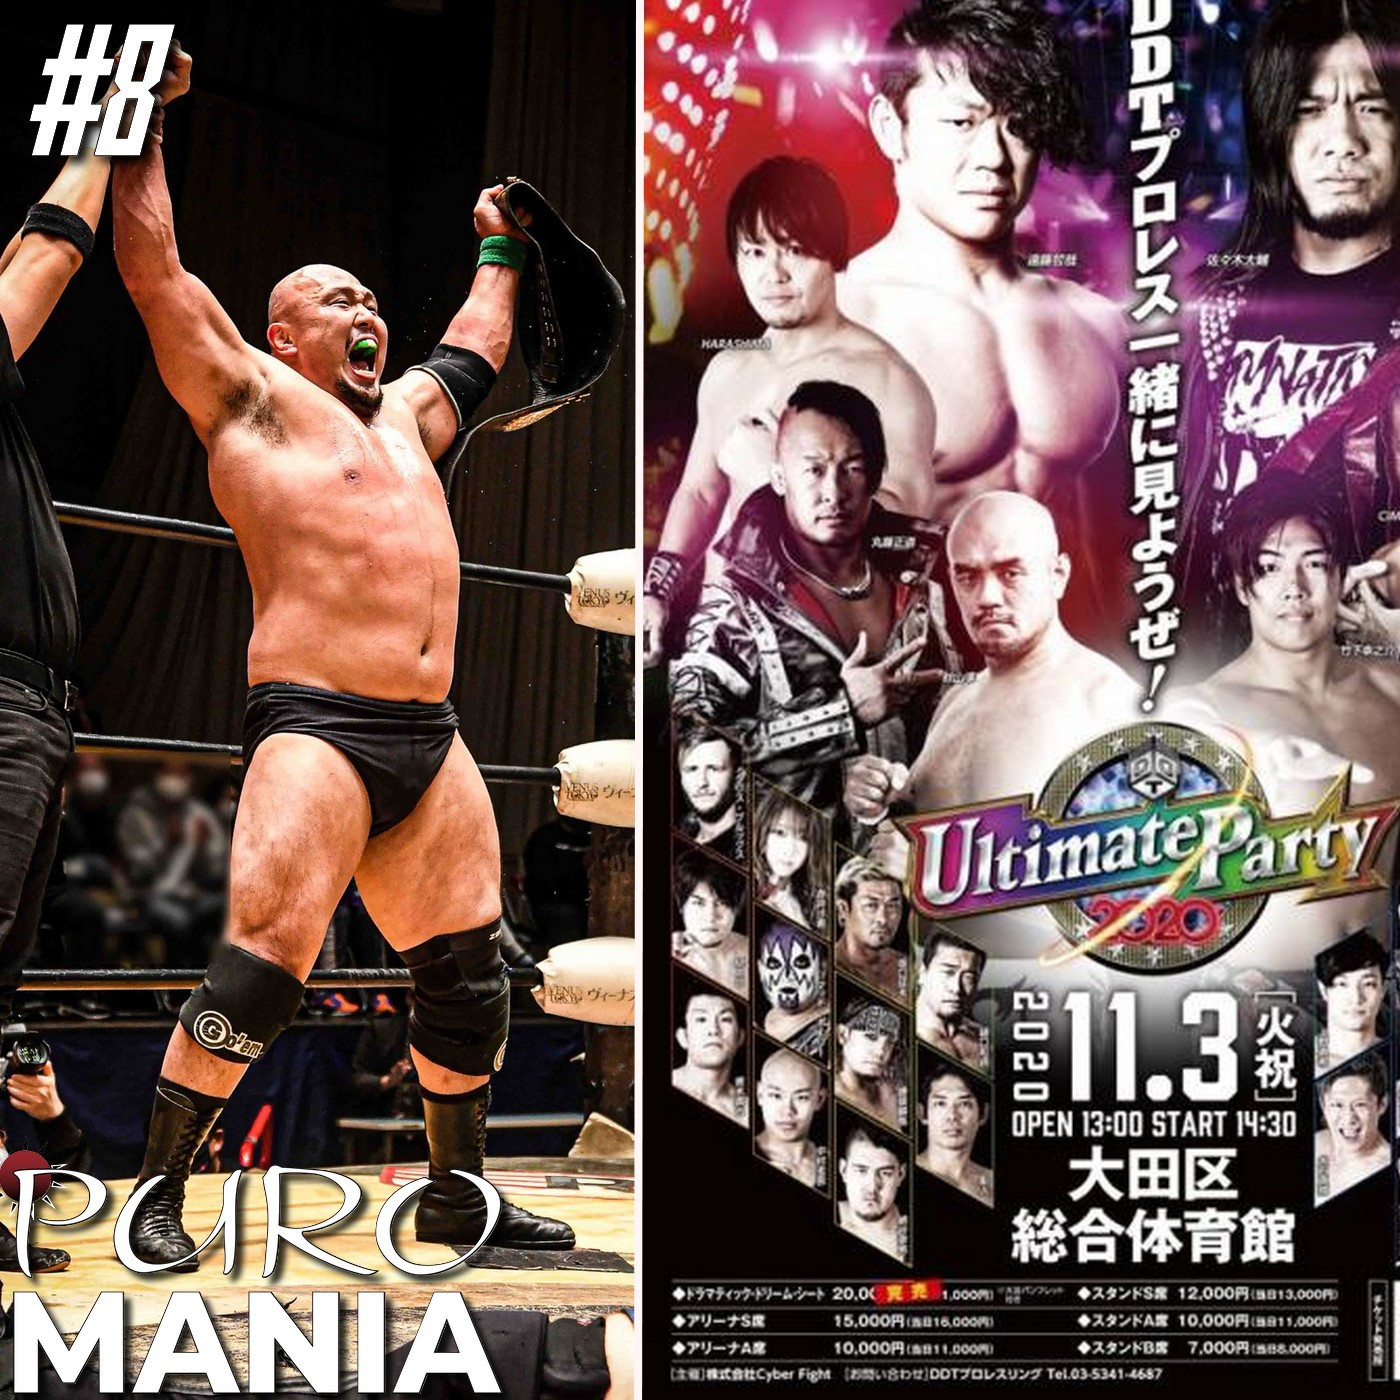 PuroMania #8 Review de BJW (20 et 21/10) et NOAH 28/10 + Preview DDT Ultimate Party 2020